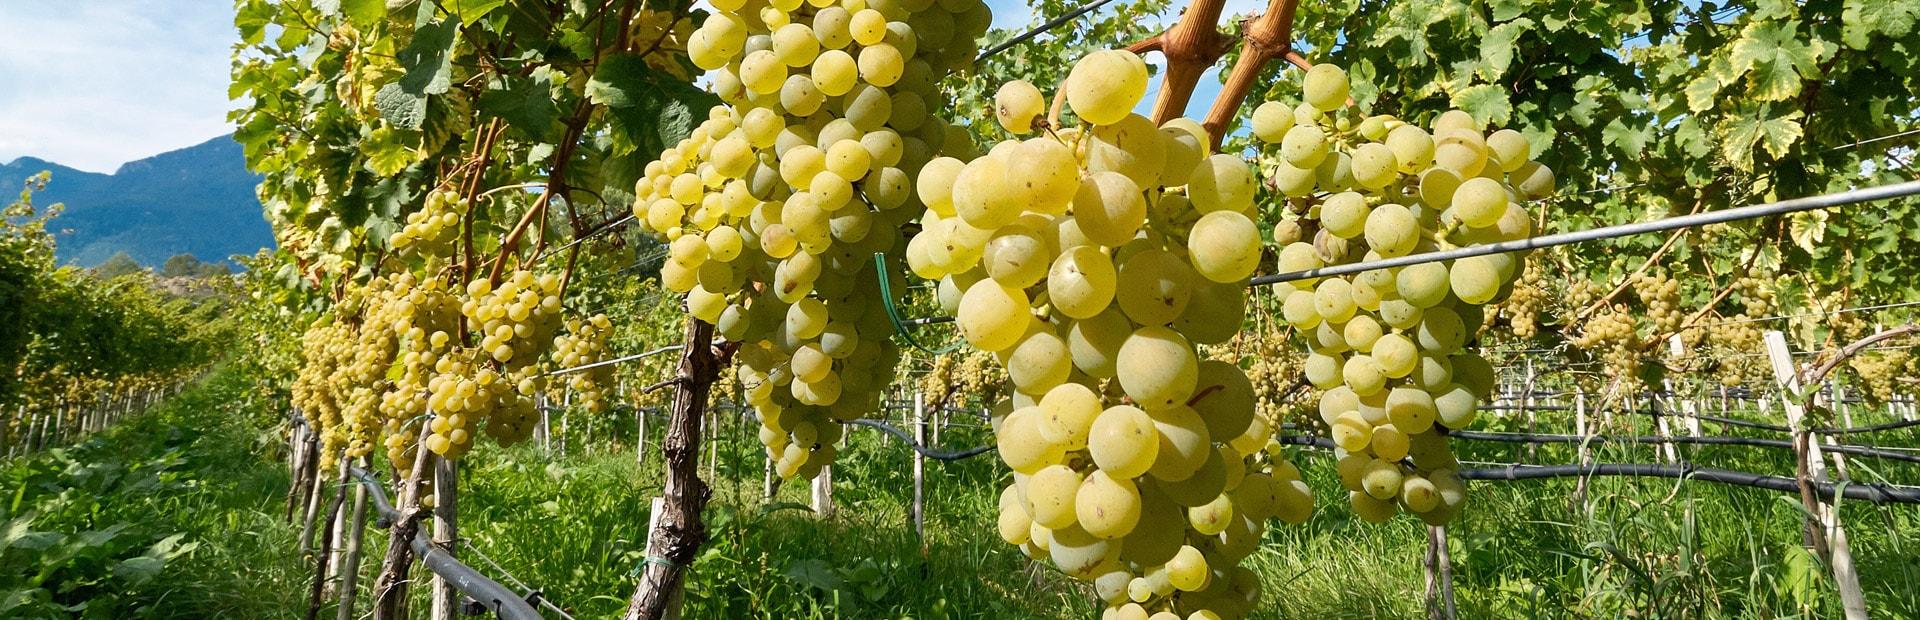 Weißwein, Weinrebe, Weinberg, Weintrauben